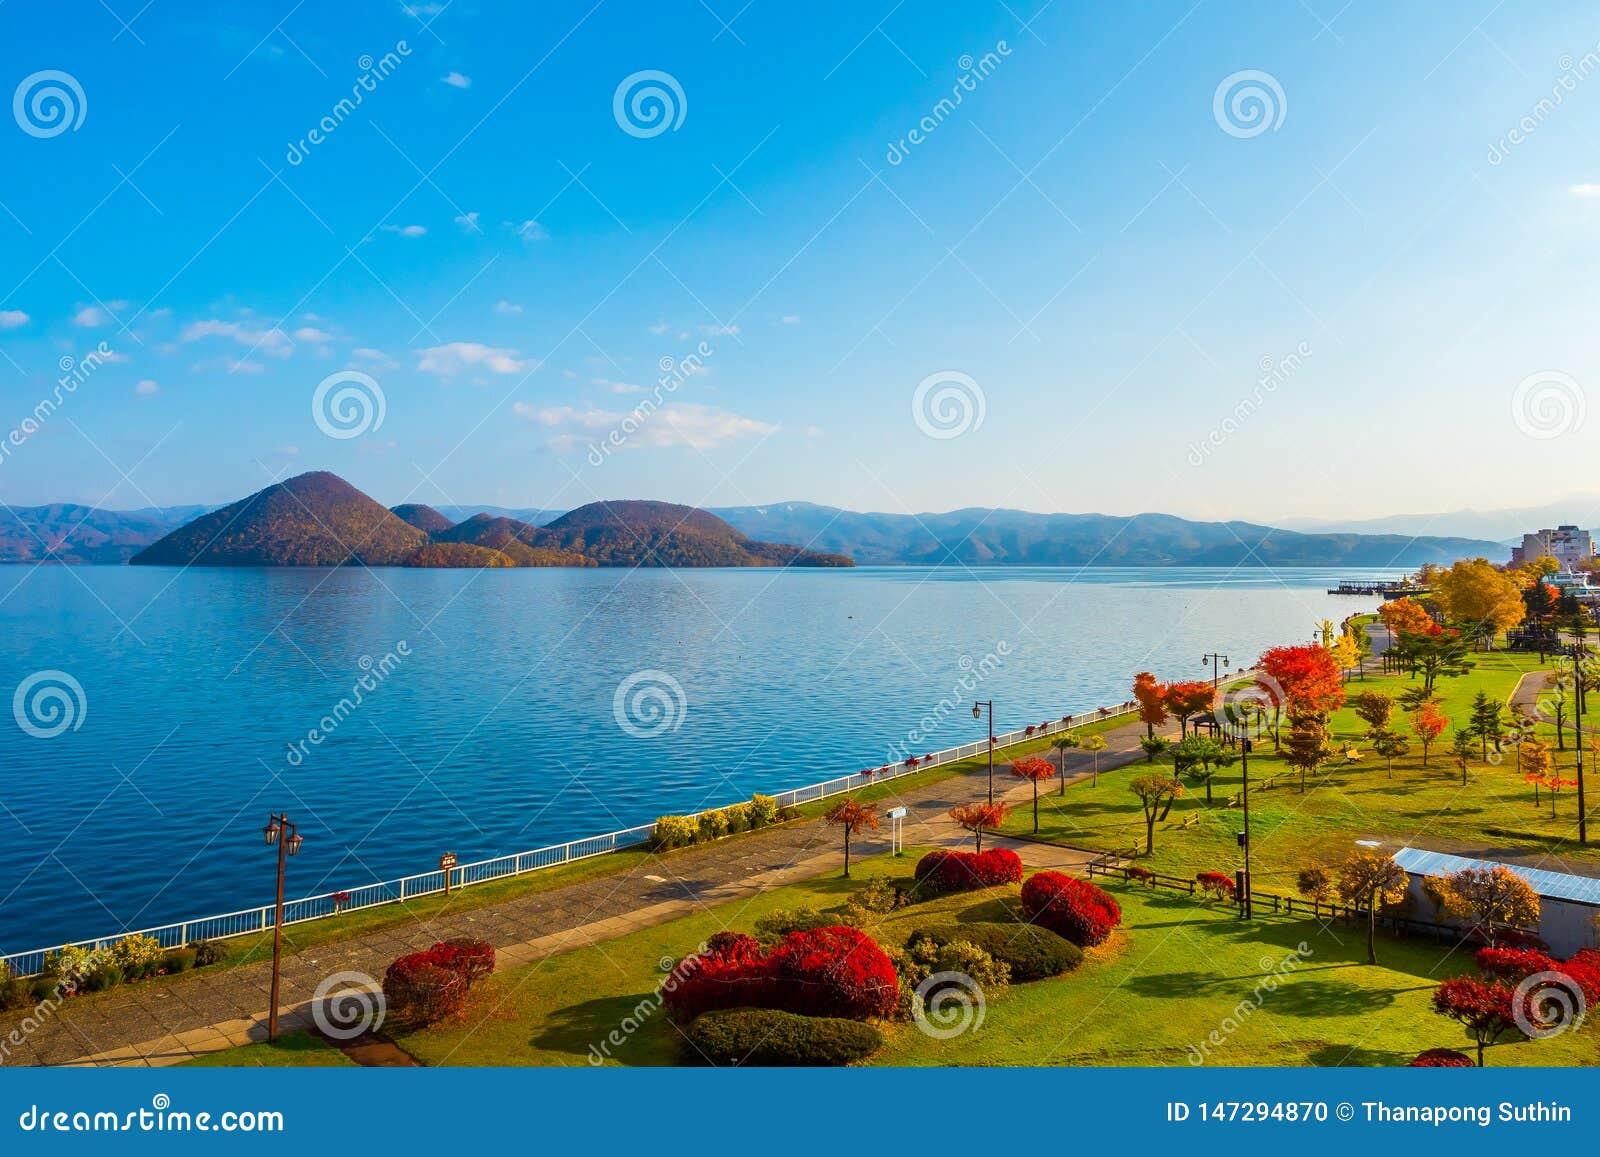 Park nahe See Toya in Toyako-Stadt, Hokkaido, Japan